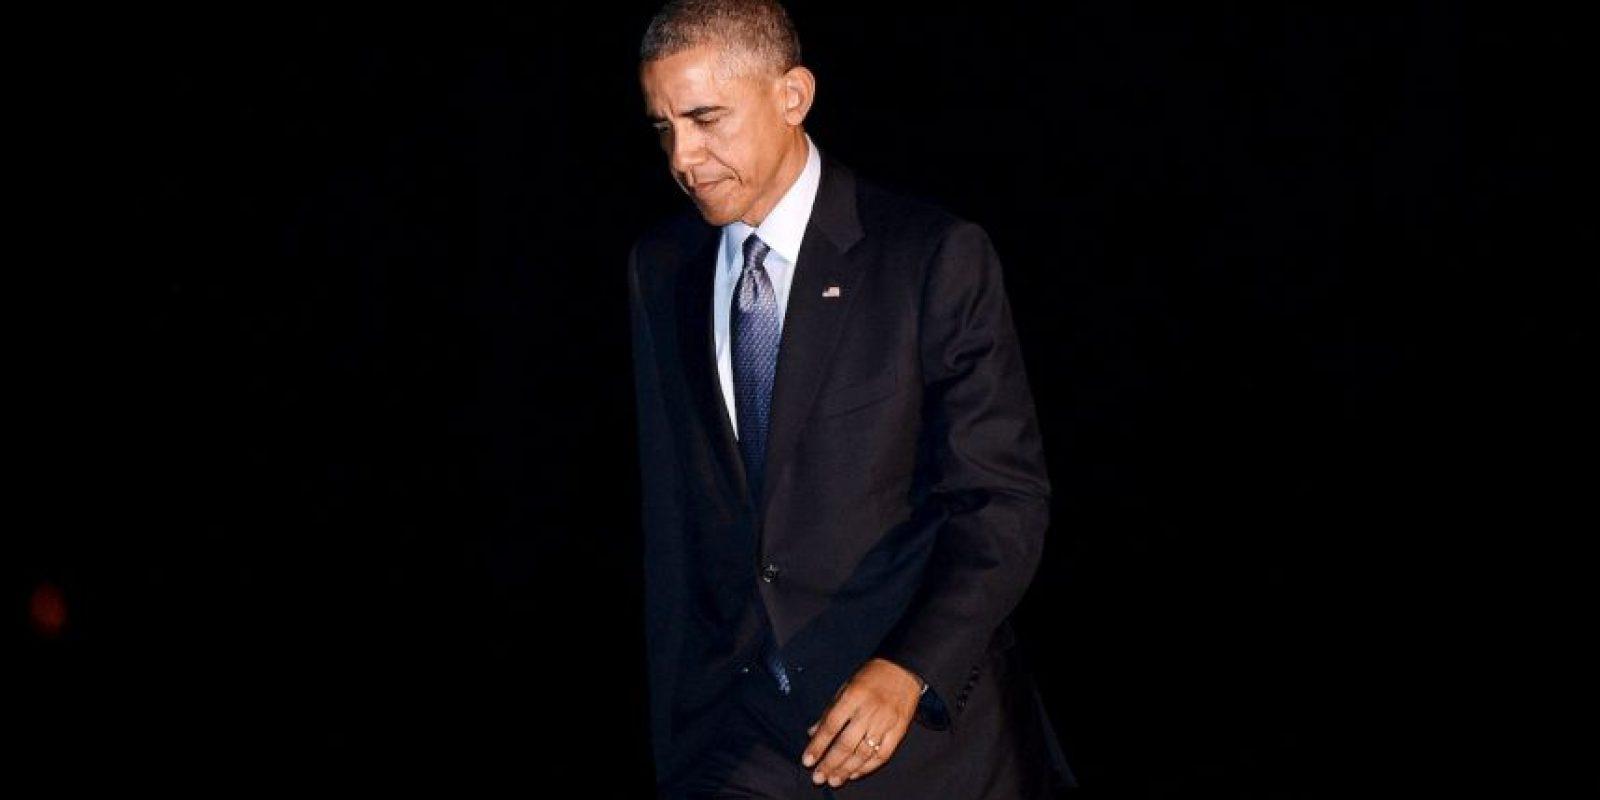 El presidente de Estados Unidos siempre porta un traje oscuro, corbata y camisa blanca Foto:Getty